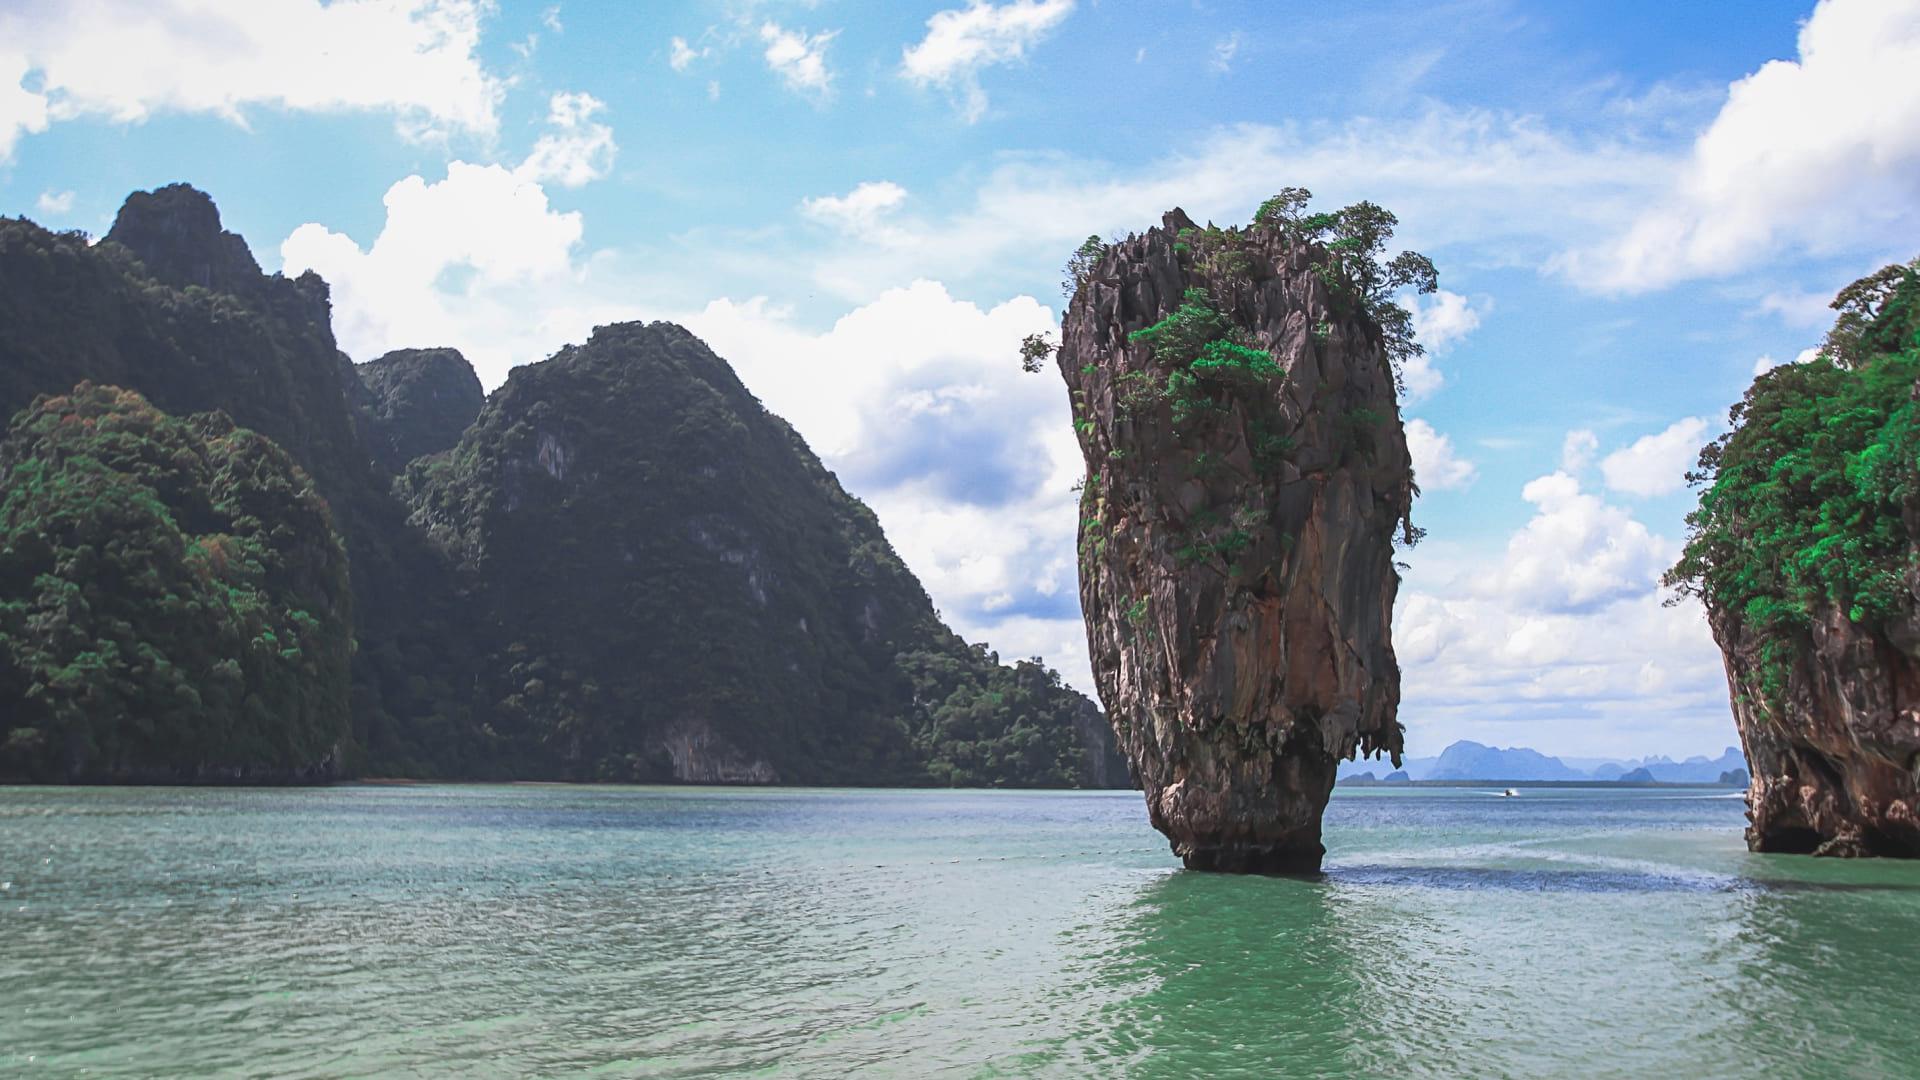 Bangkok & Pattaya Tour Packages